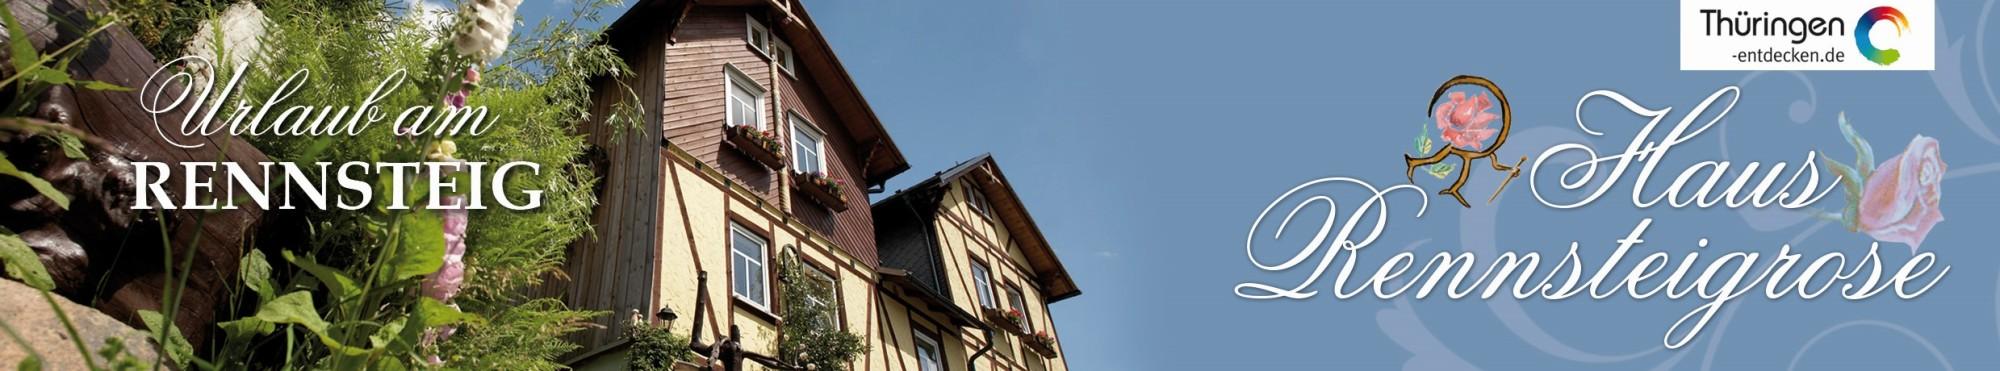 Ferienwohnungen am Rennsteig in Neuhaus am Rennweg / Ortsteil Limbach